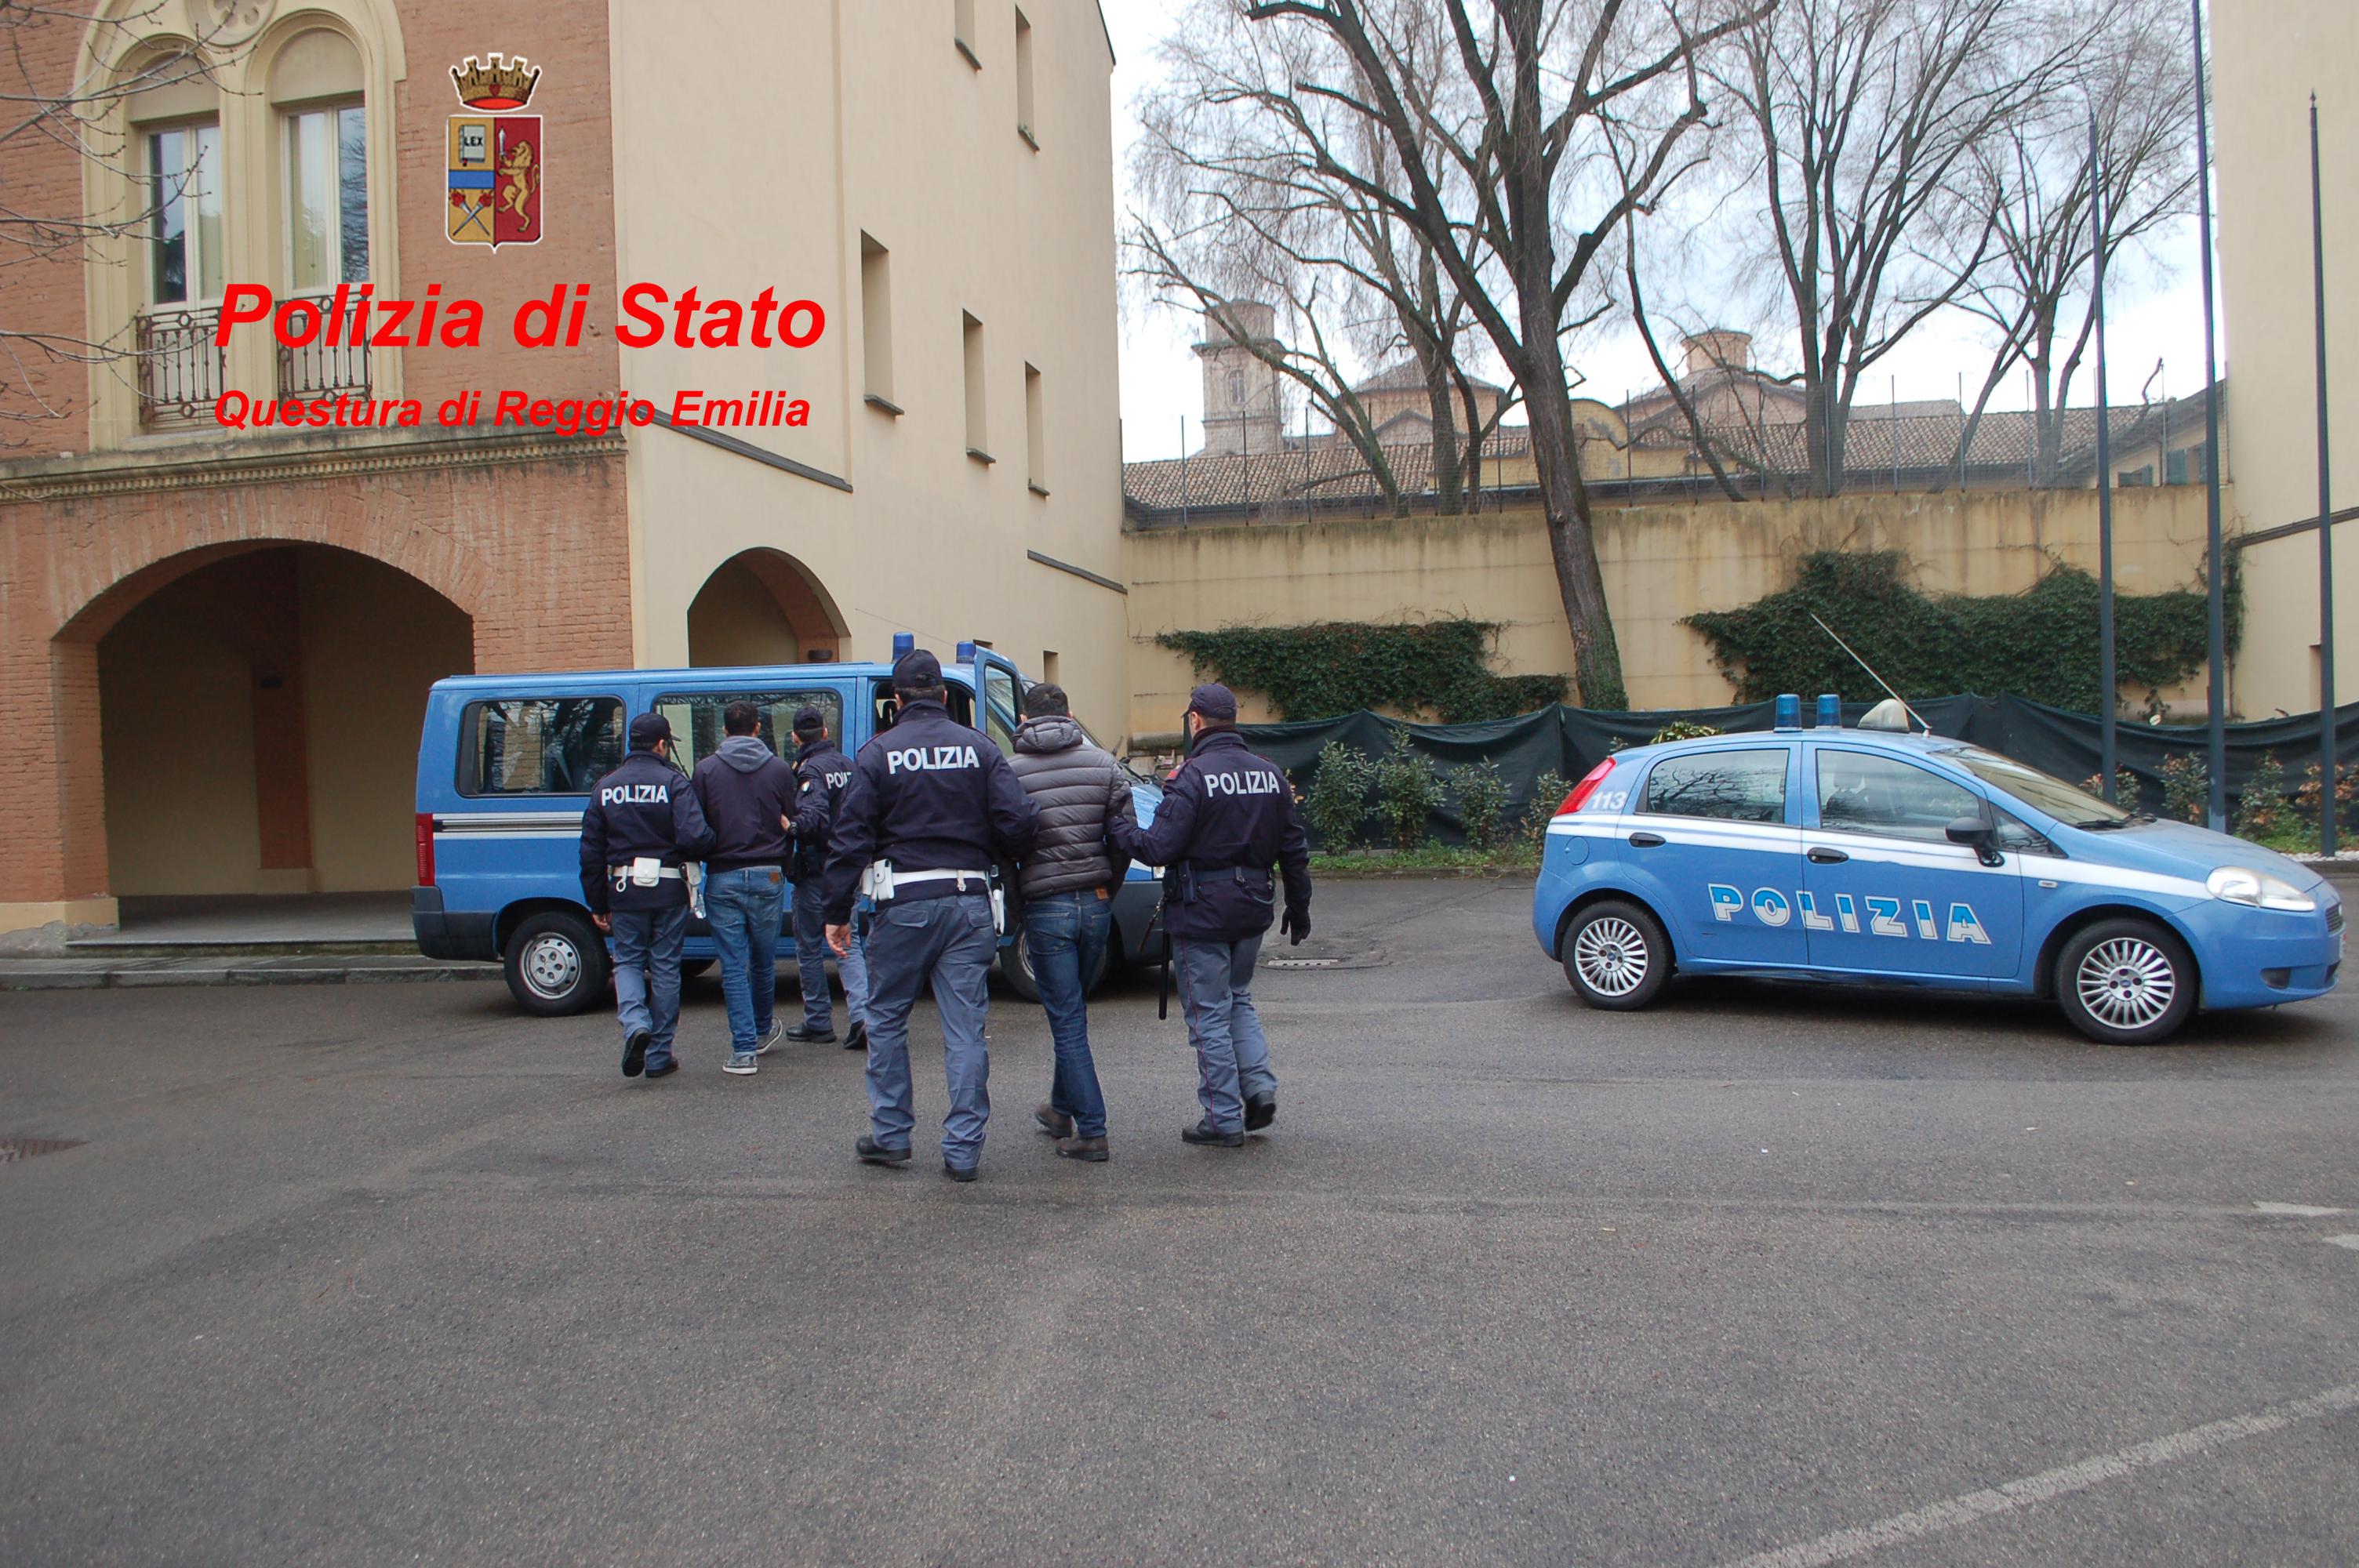 Polizia di stato questure sul web reggio emilia for Questure poliziadistato it stranieri